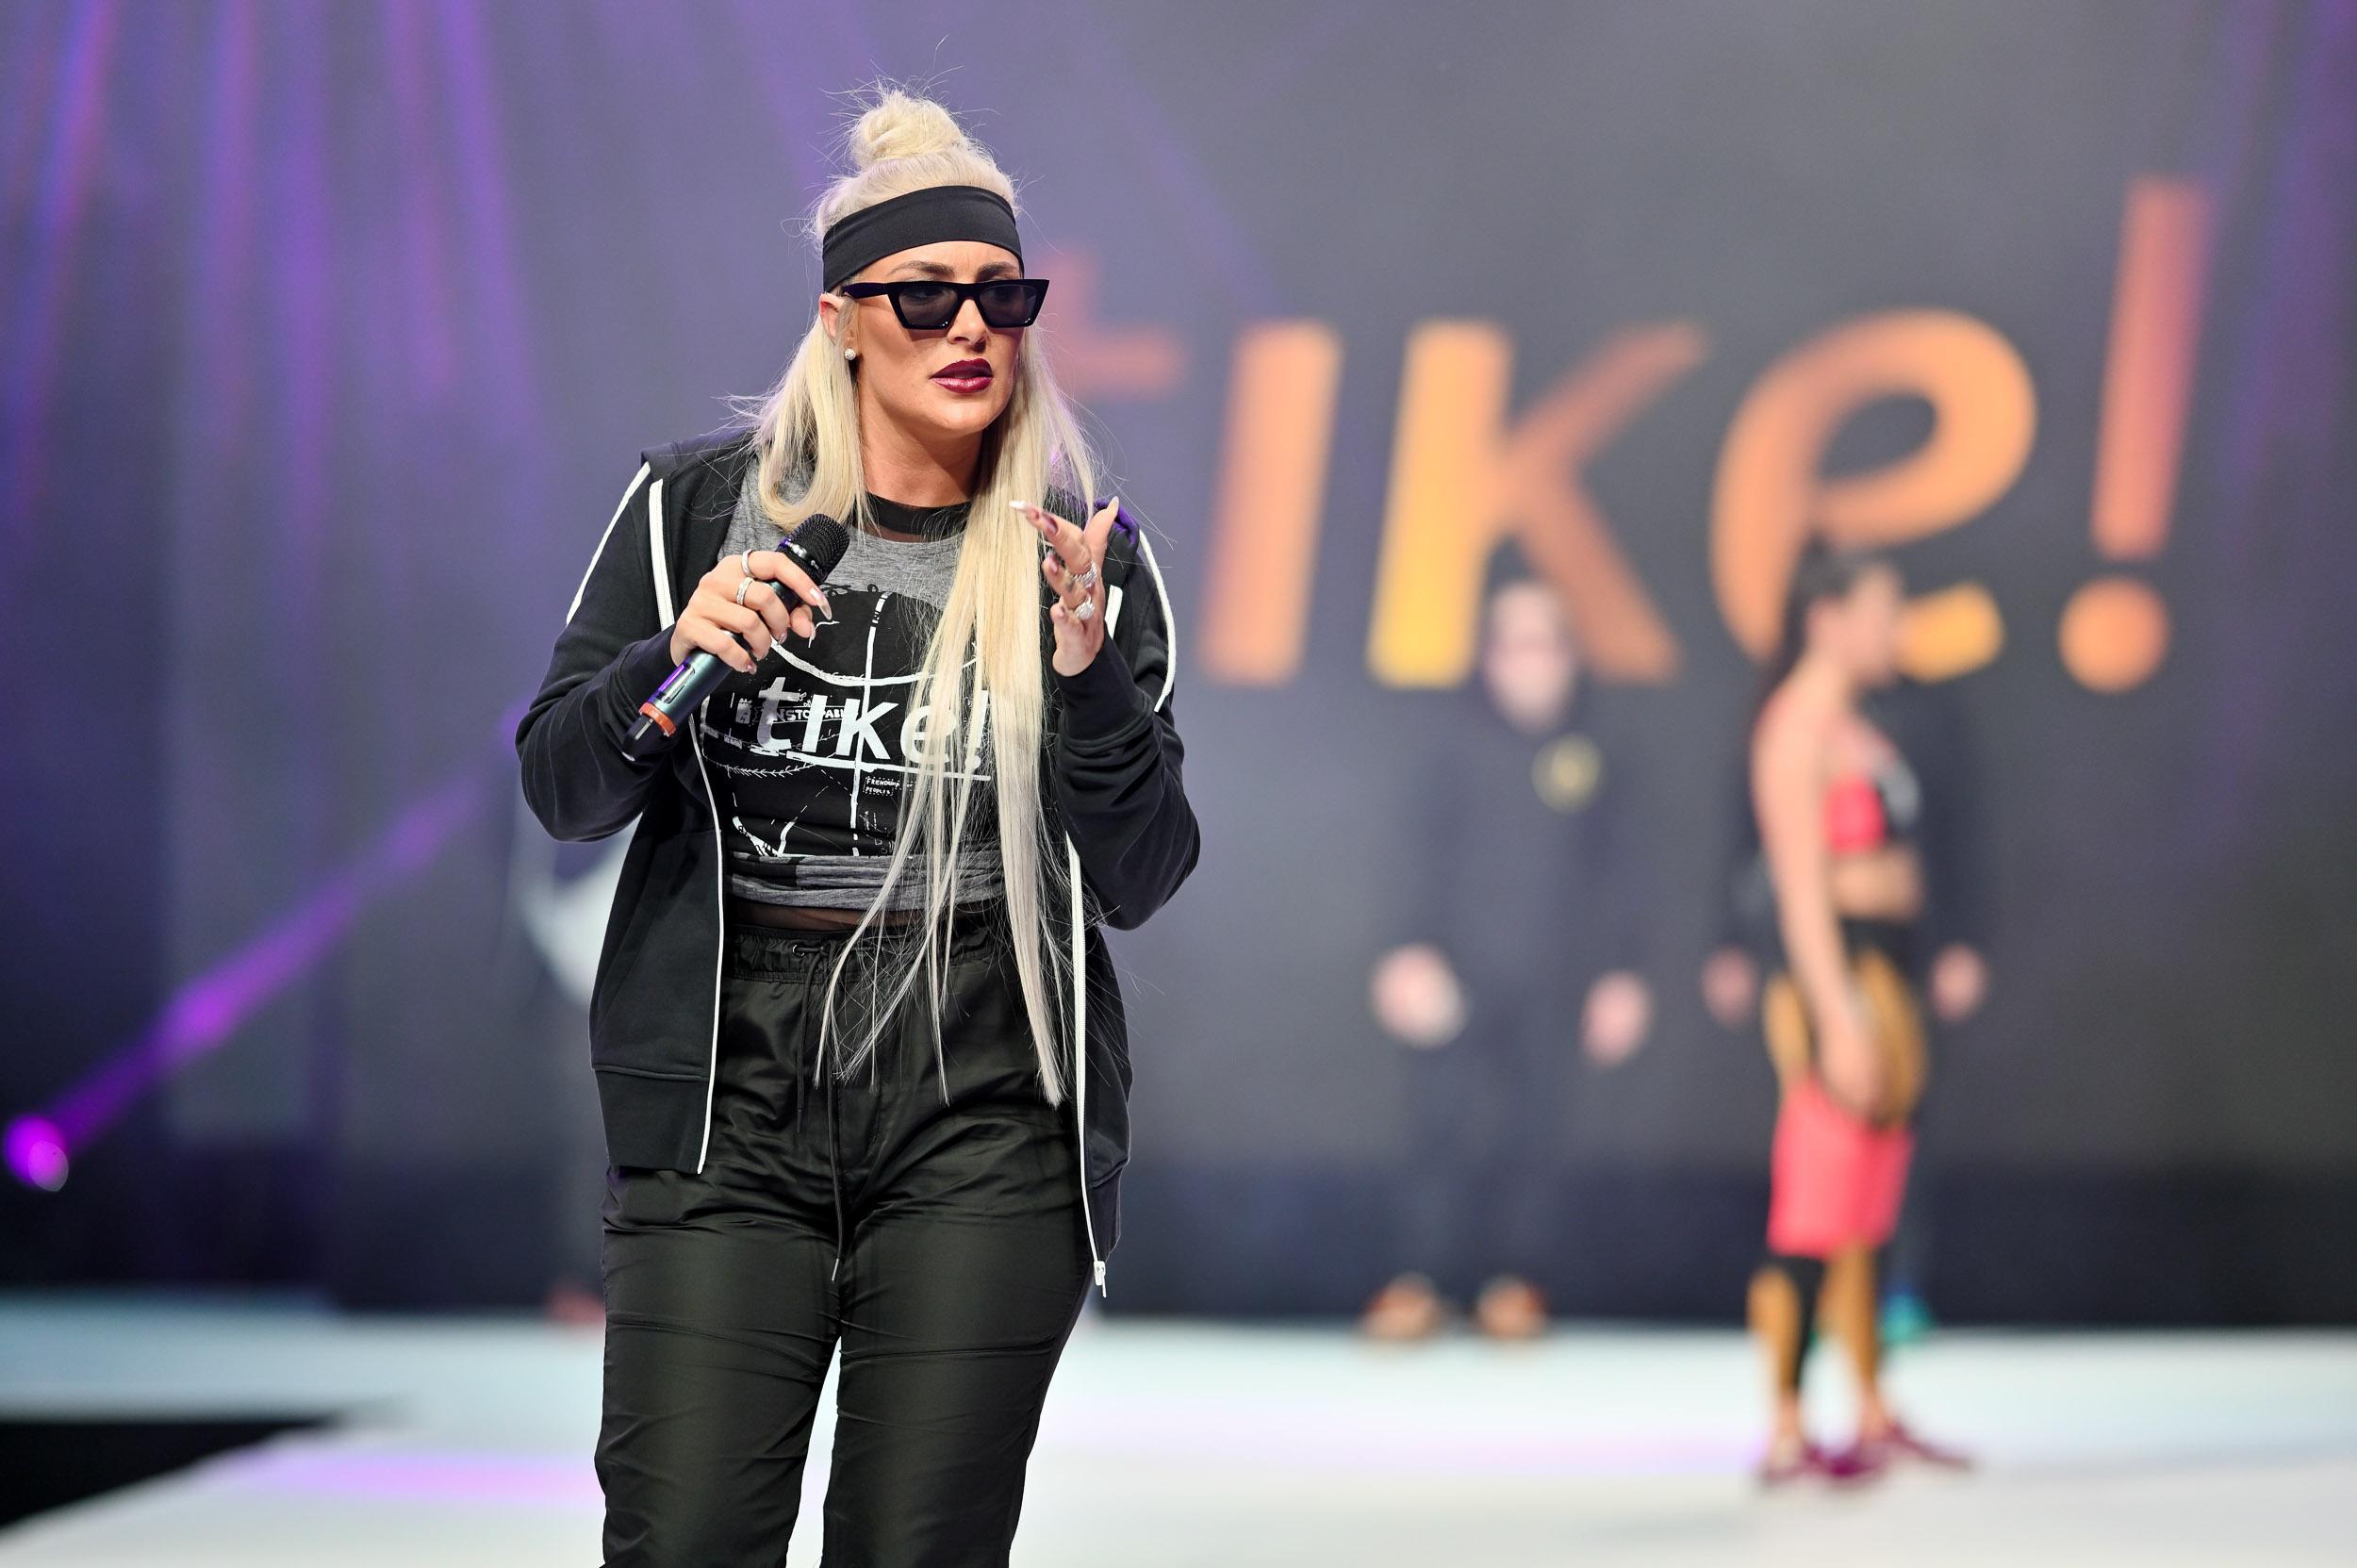 Senidah Sportsko modni spektakl u znaku Sport Vision a